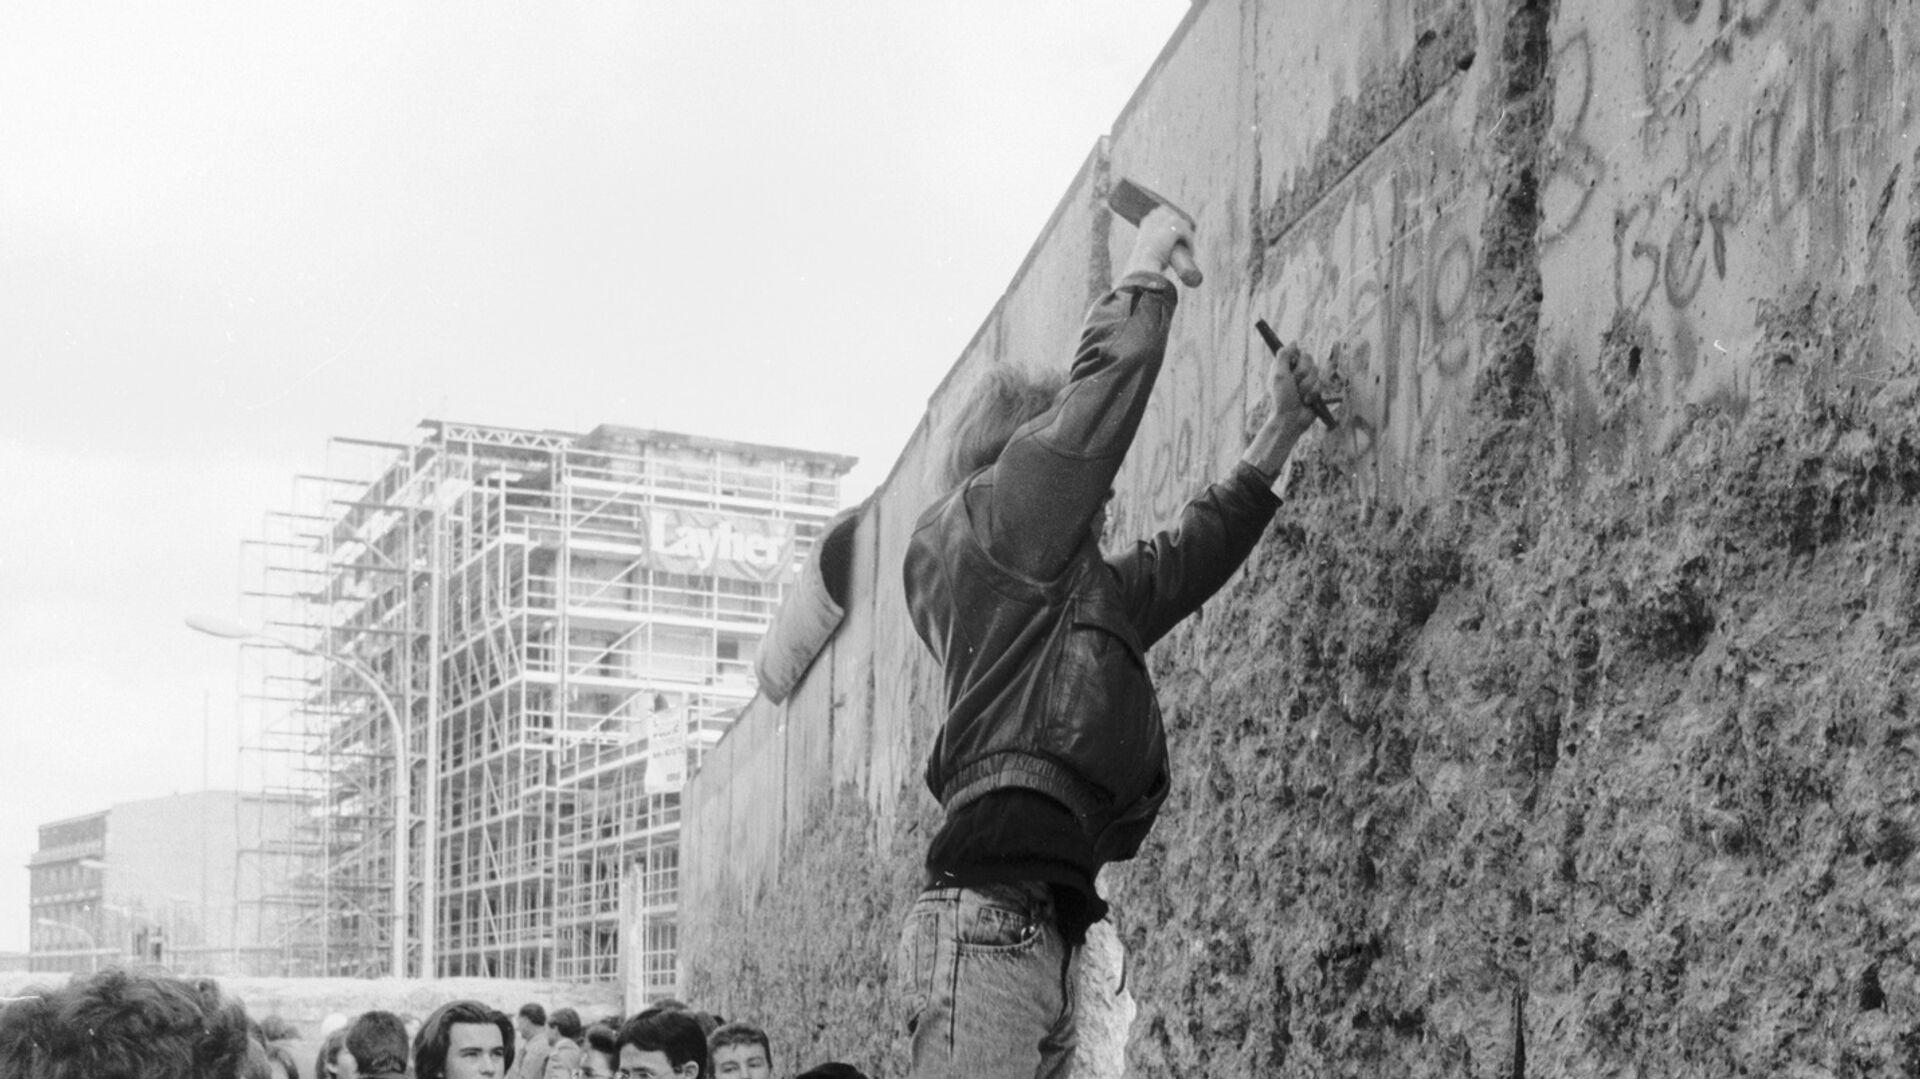 Житель Берлина отбивает кусок бетона от Берлинской стены - РИА Новости, 1920, 03.02.2021